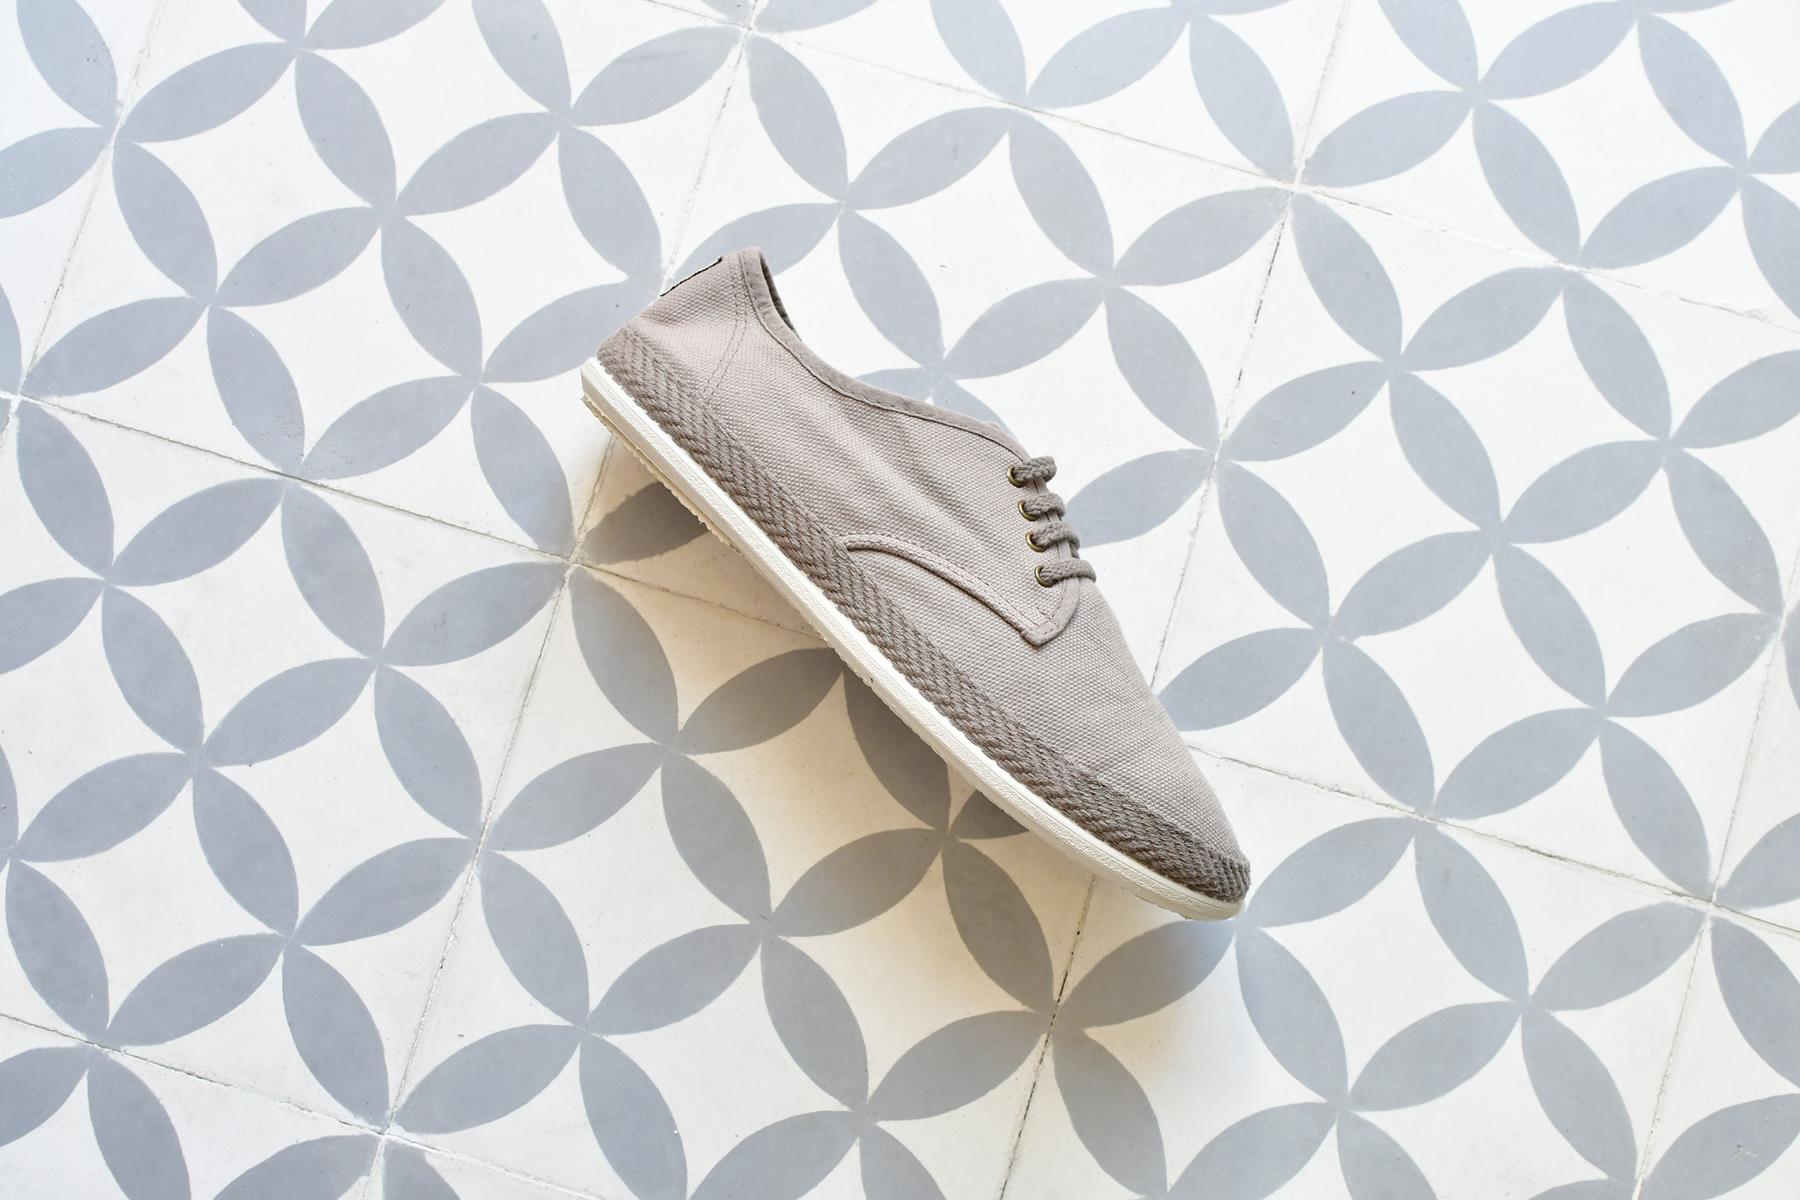 20005_amorshoes-Bamba-by-Victoria-lona-lavada-zapatilla-cordones-color-stone-piedra-gris-20005